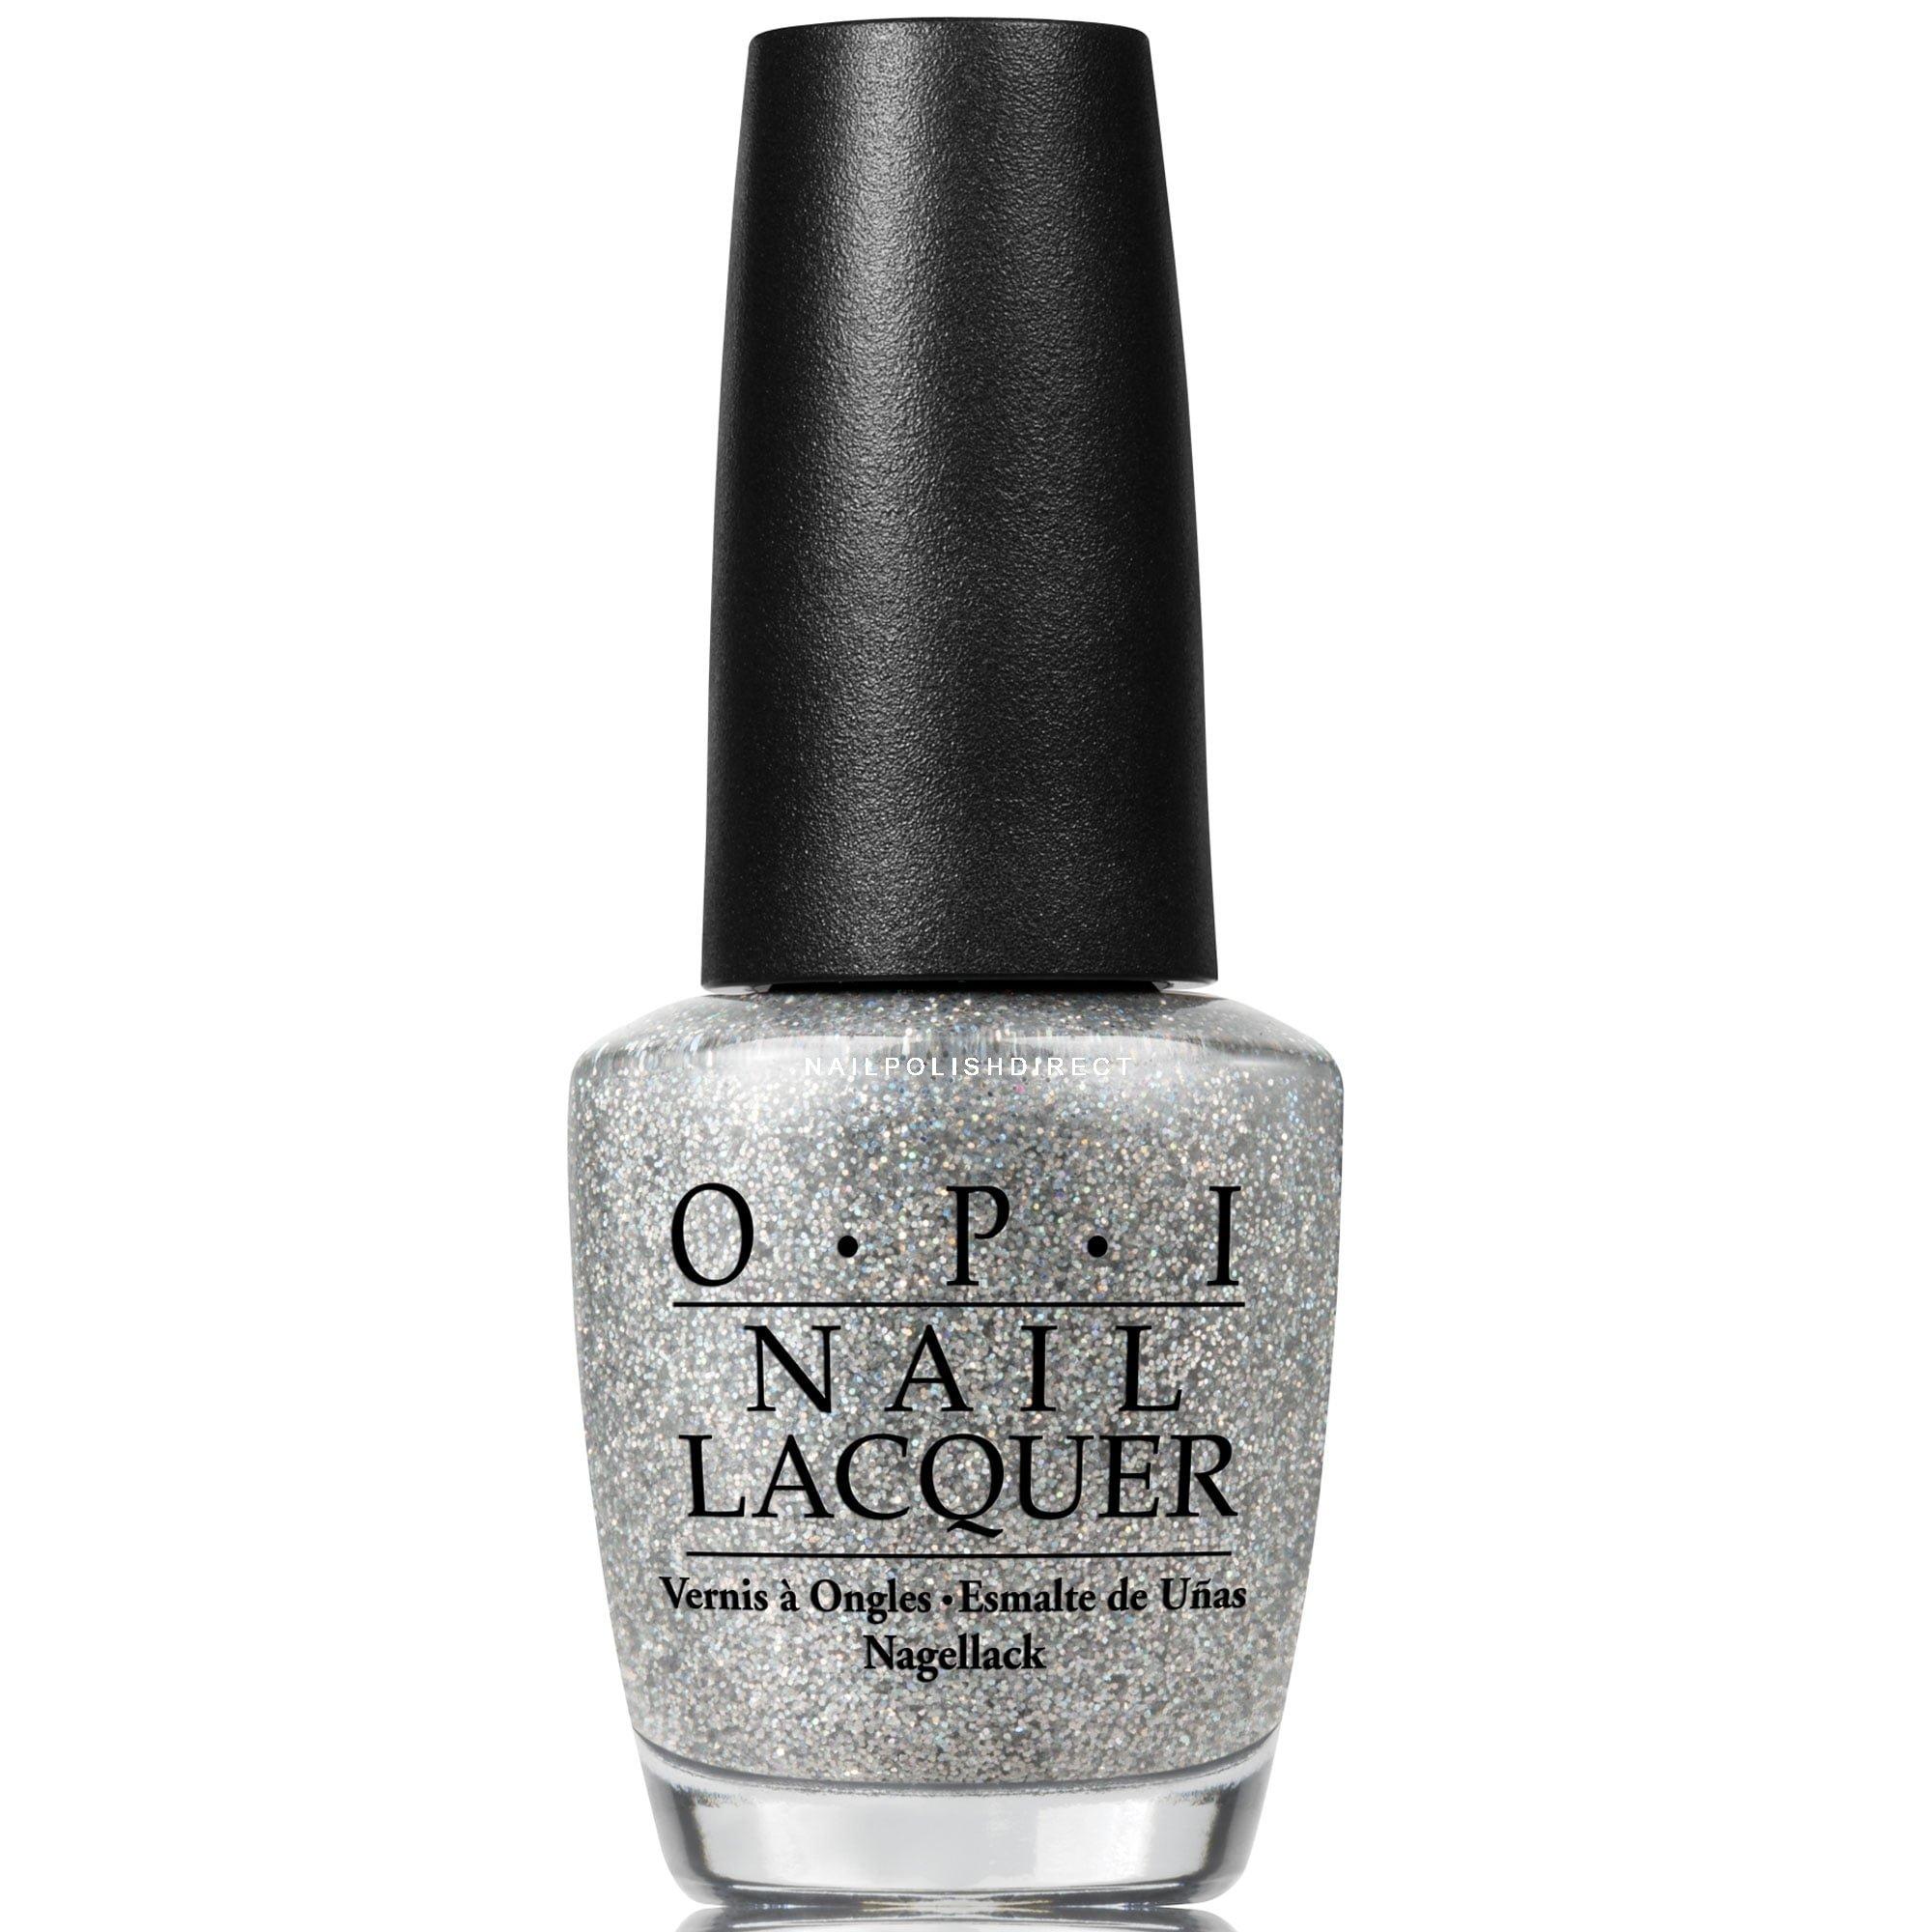 Tiffany and co nail polish-9482